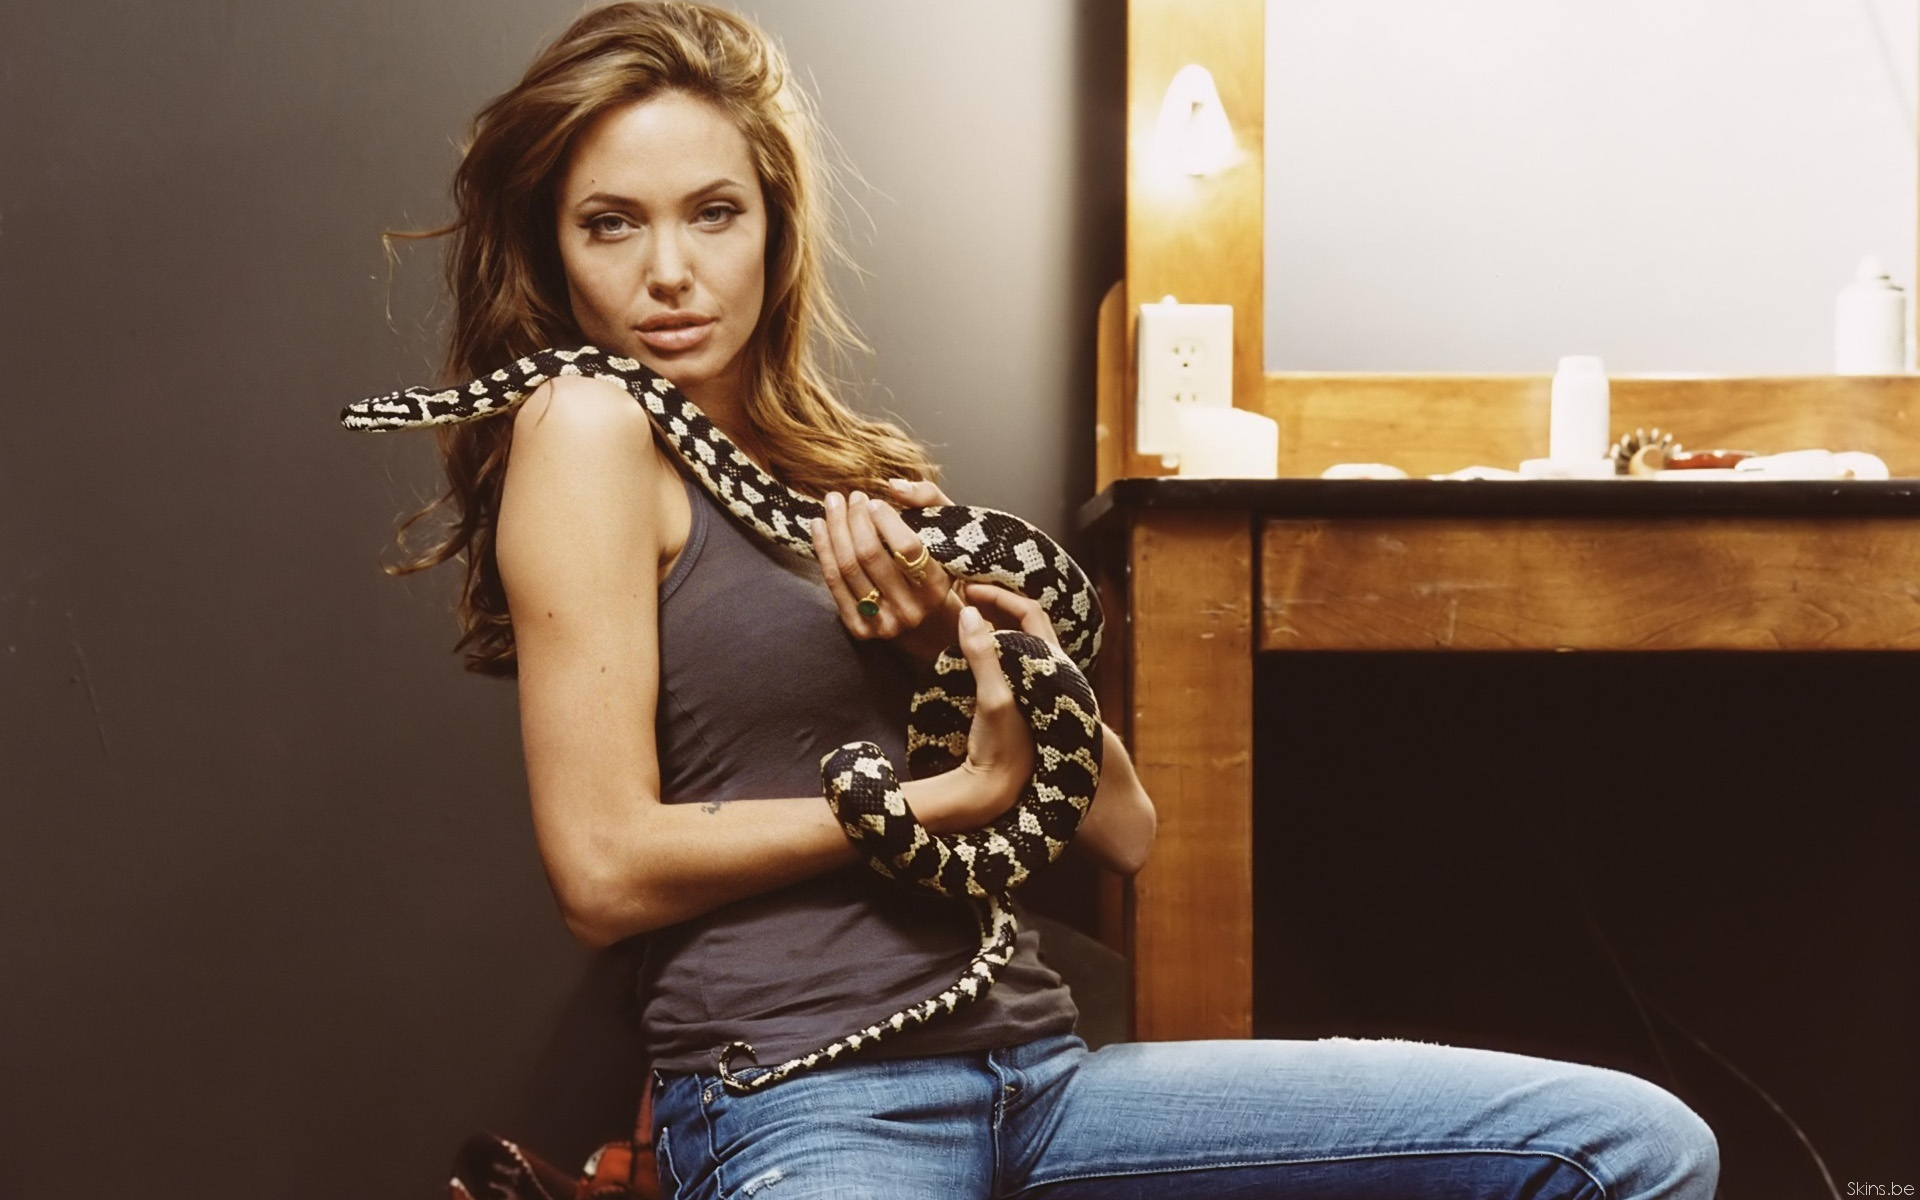 Смотреть женщин со змеями 21 фотография